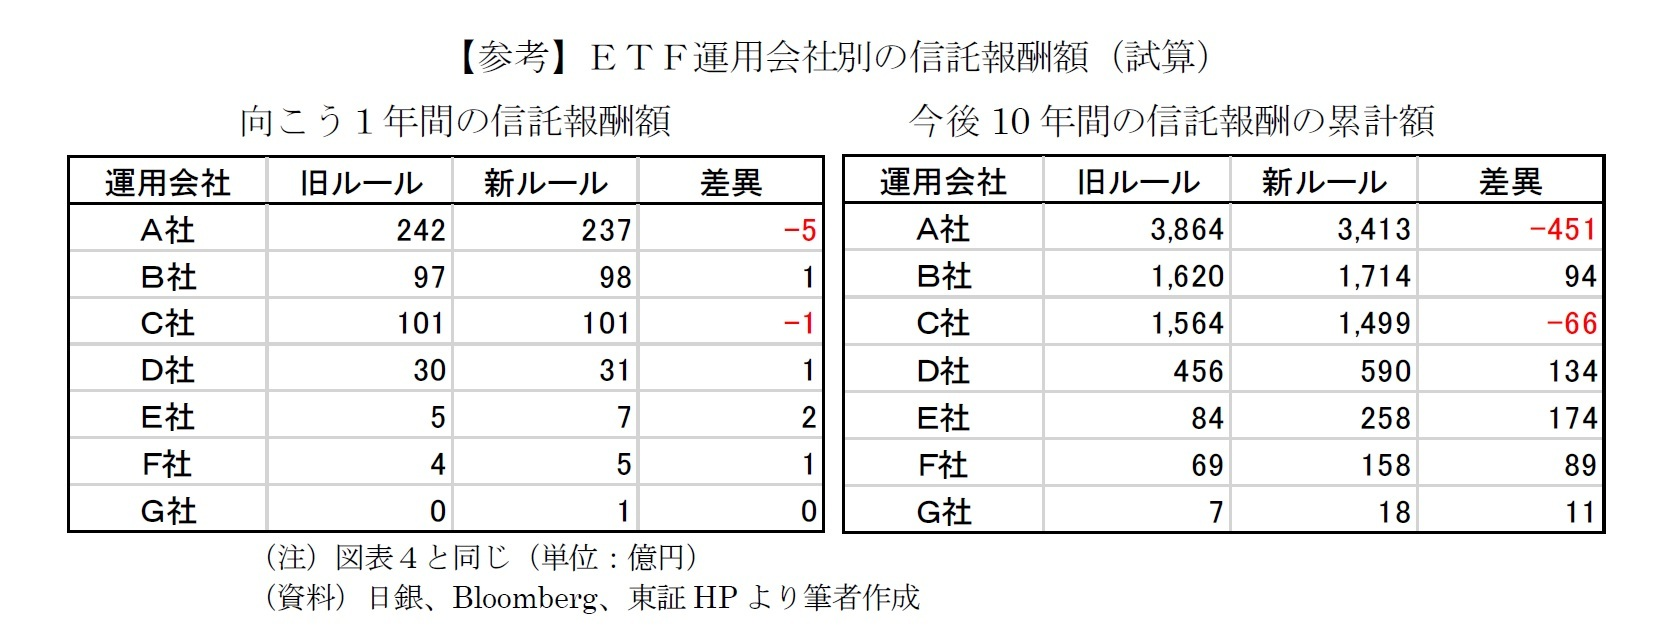 【参考】ETF運用会社別の信託報酬額(試算)